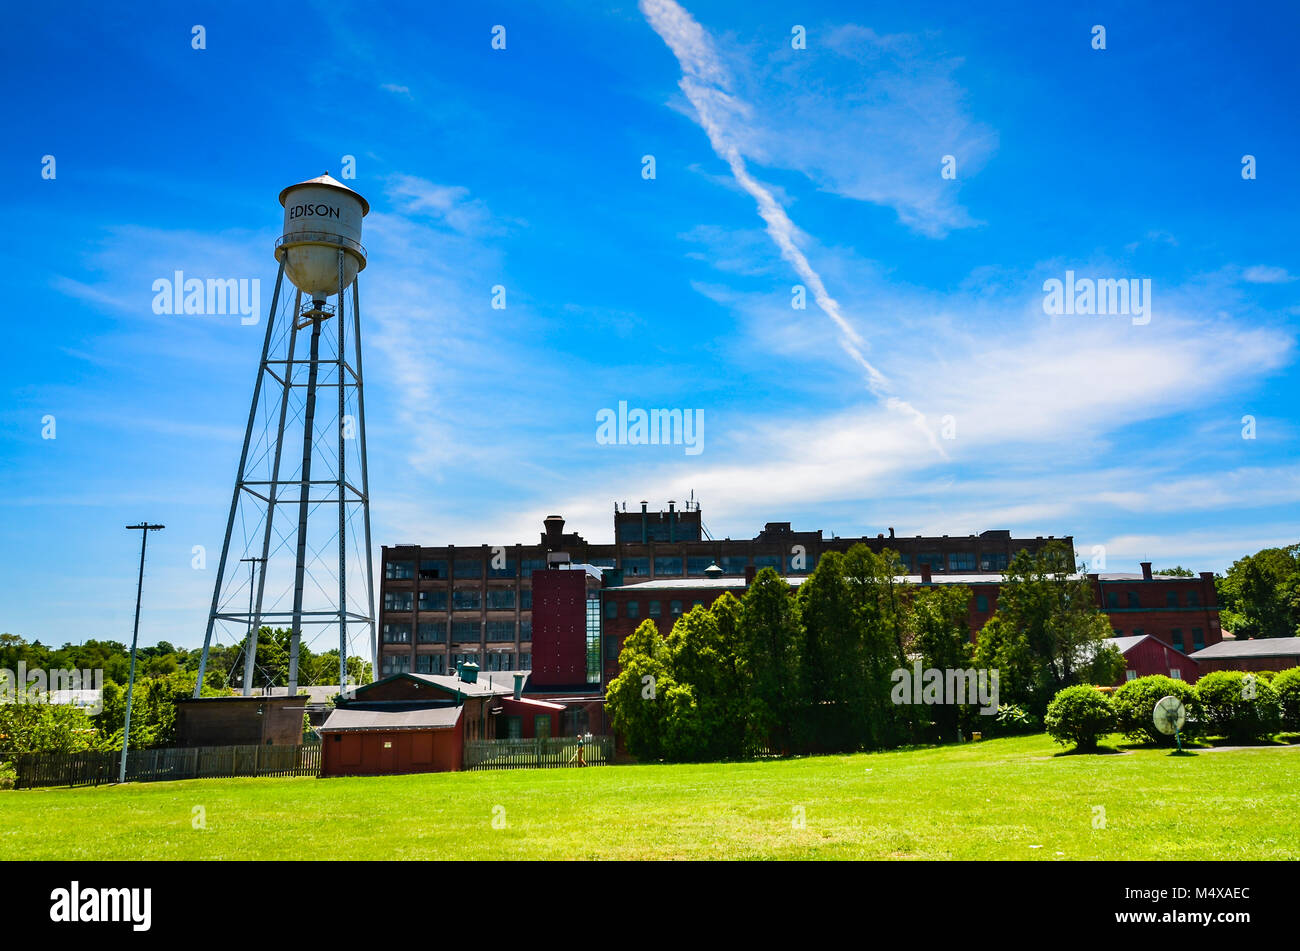 Thomas Edison National Historical Park préserve et de laboratoire de Thomas Edison, résidence de Glenmont, Llewellyn Park à West Orange, New Jersey. Banque D'Images